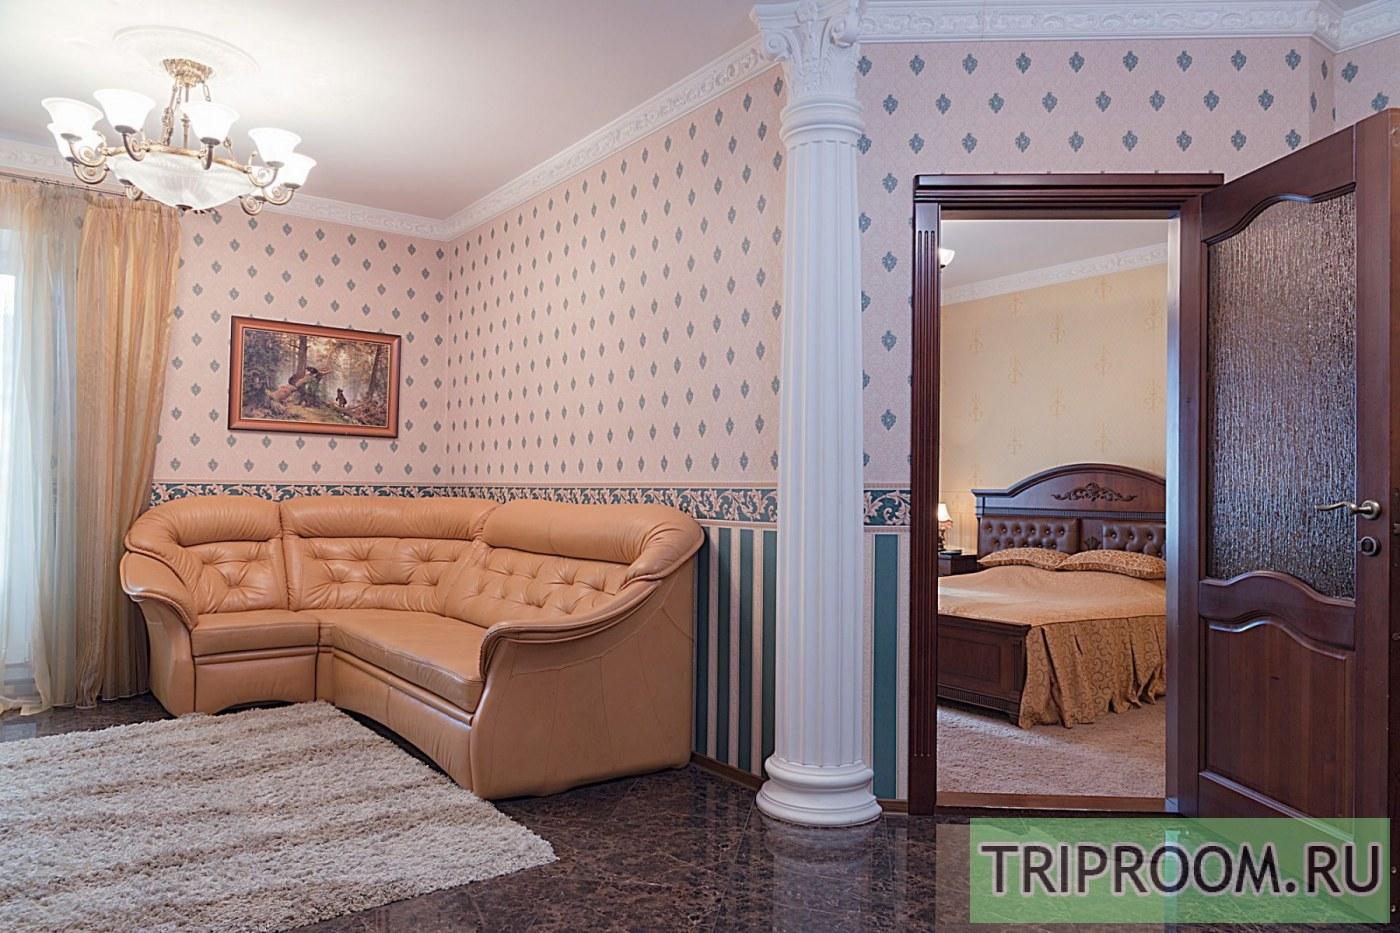 2-комнатная квартира посуточно (вариант № 39986), ул. Взлётная улица, фото № 1